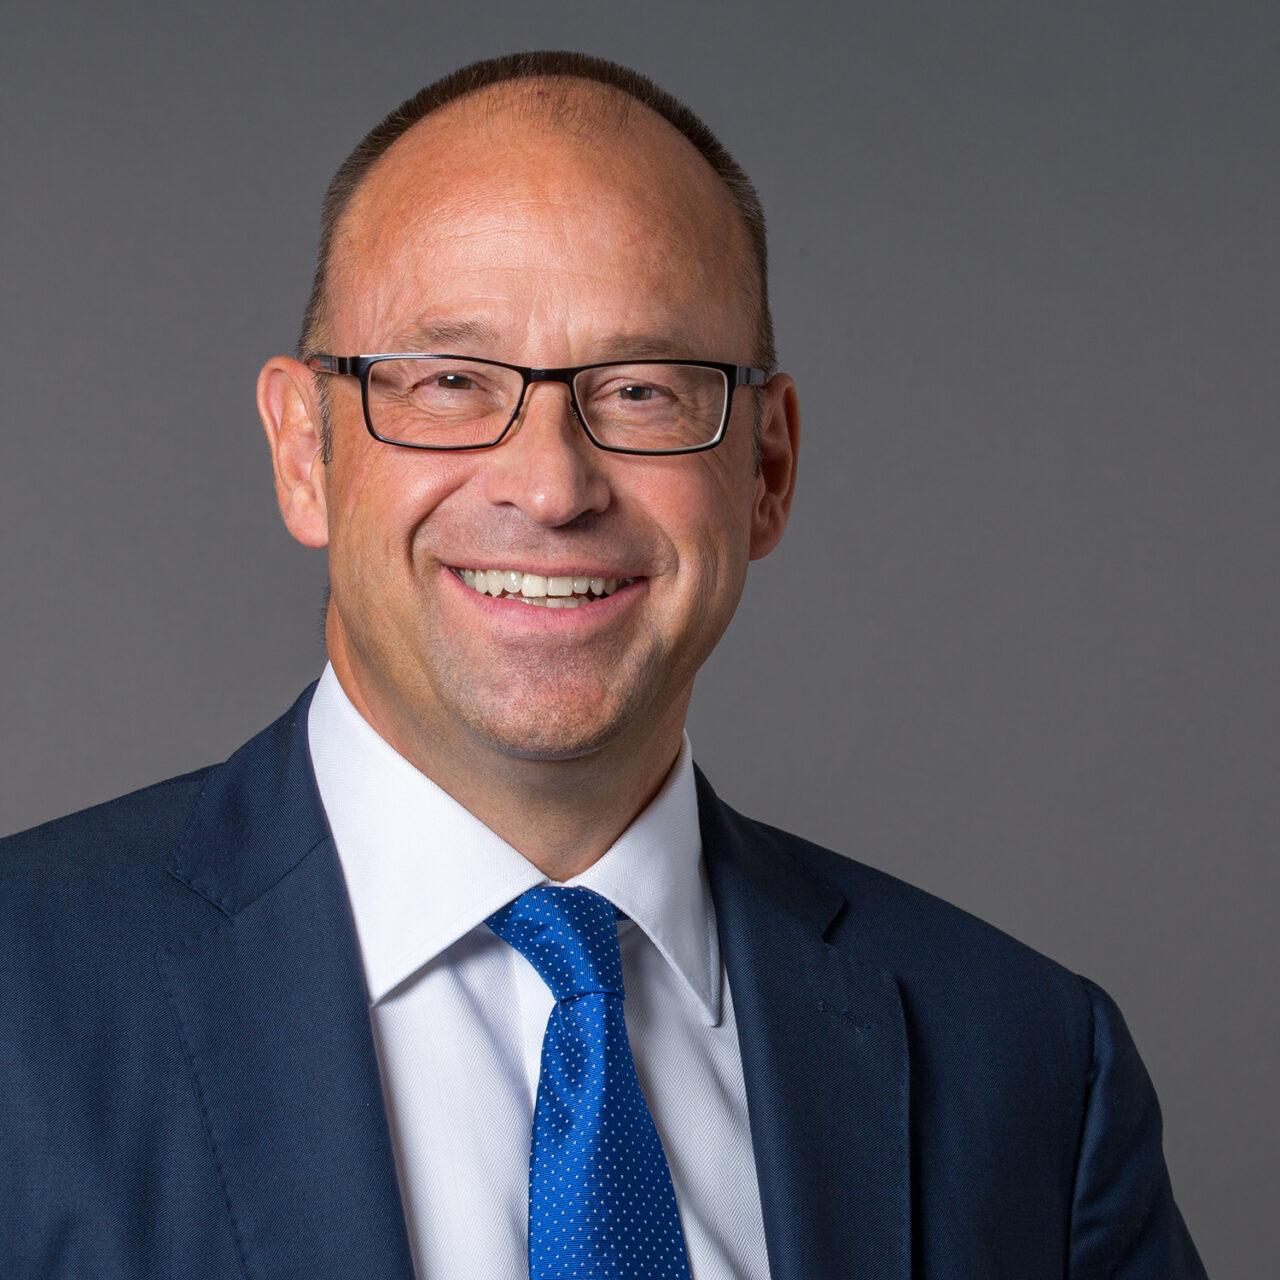 Lars Hille steht V‑BANK vor